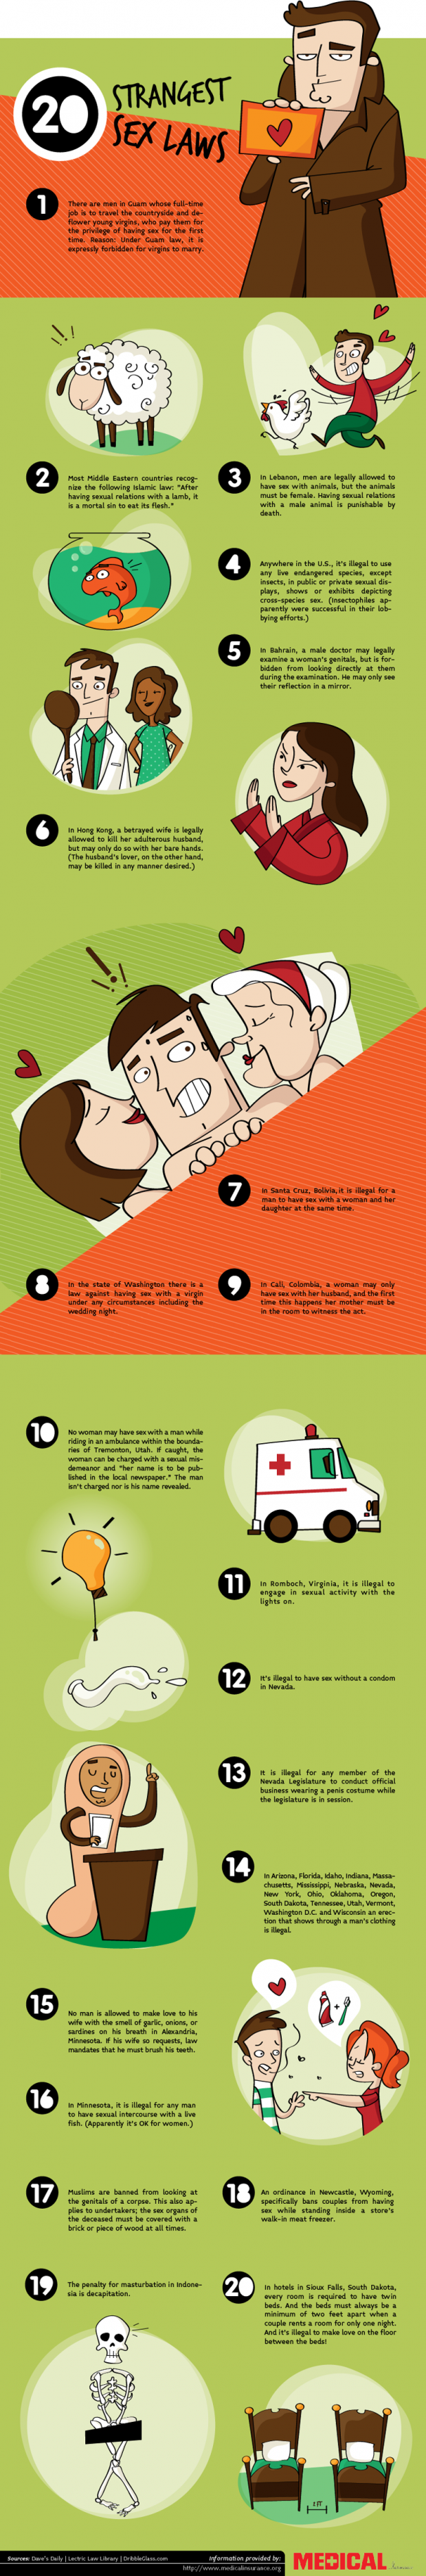 Las leyes sexuales mas extrañas del mundo (Infografía)